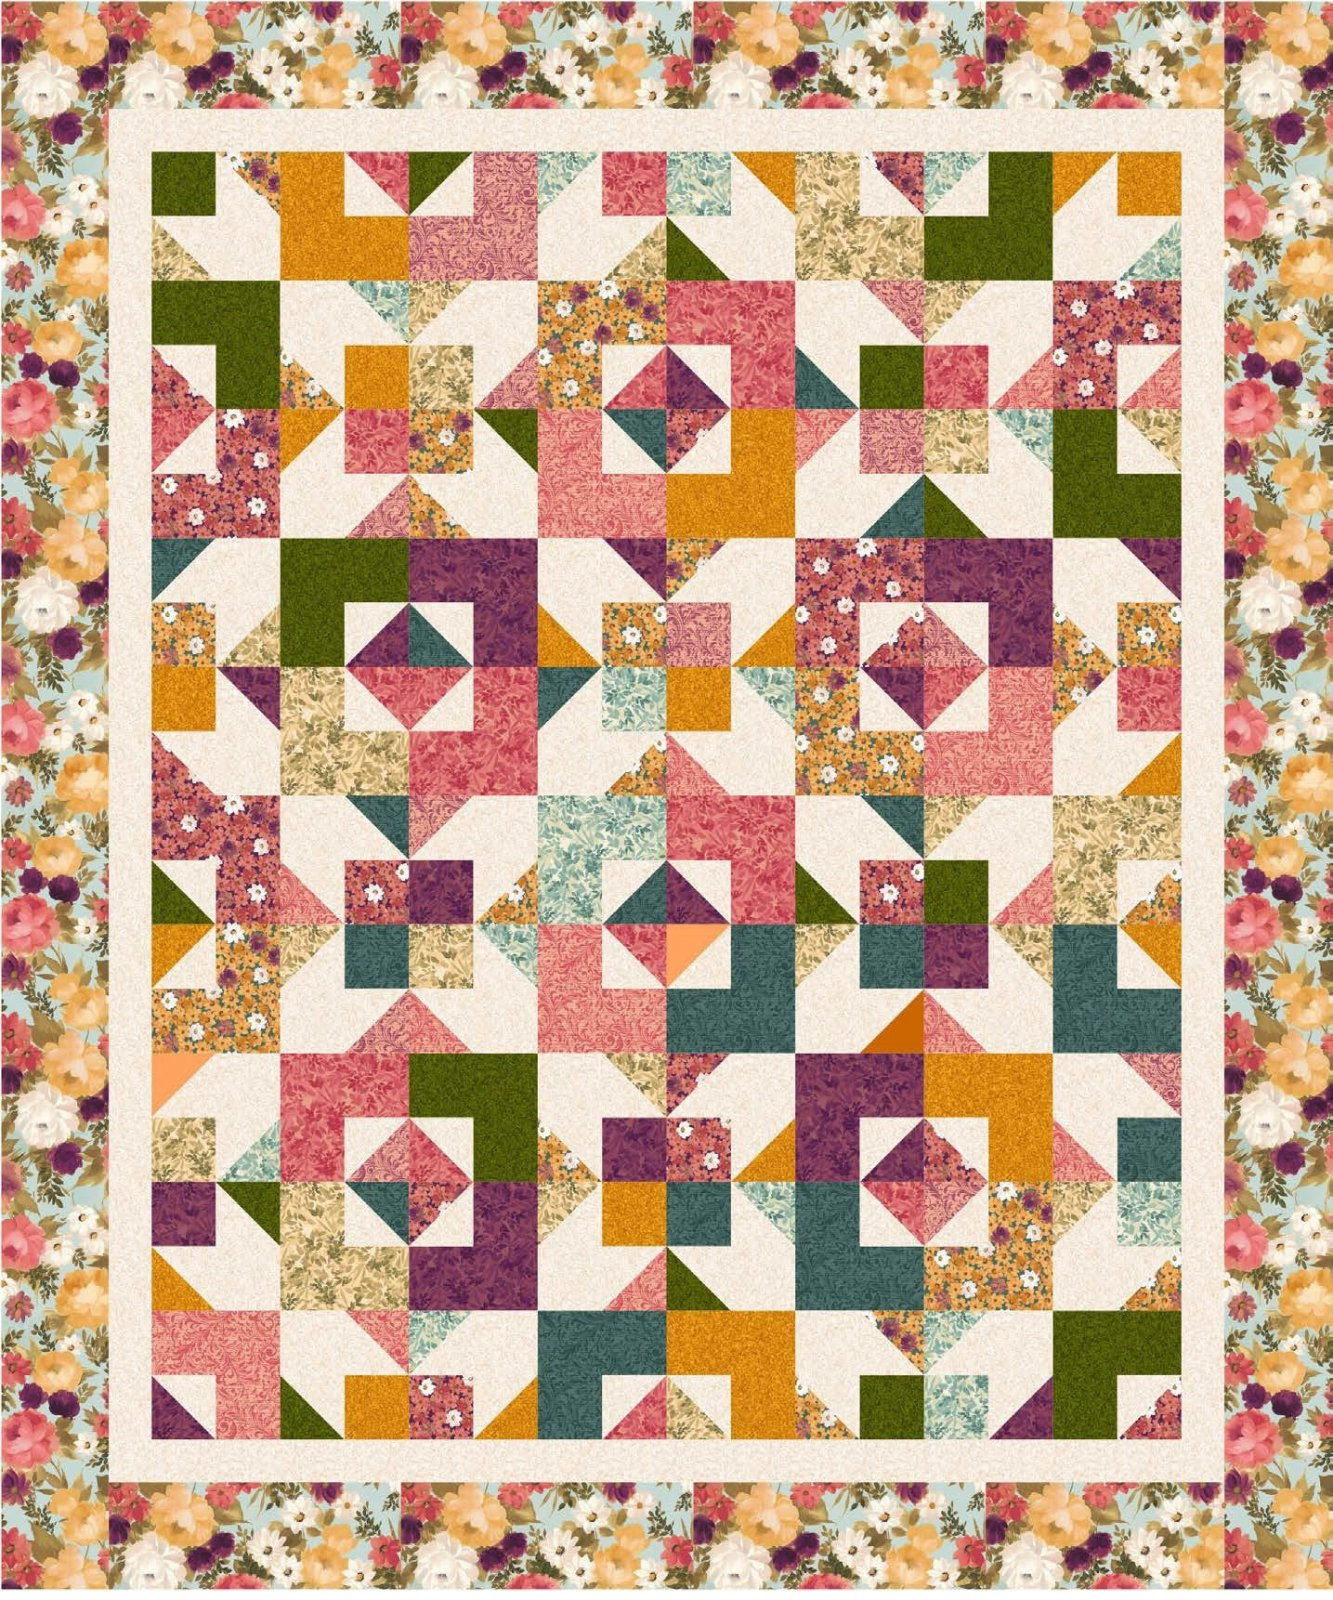 Lilian - DayDreams Quilt KIT - 62 x 74